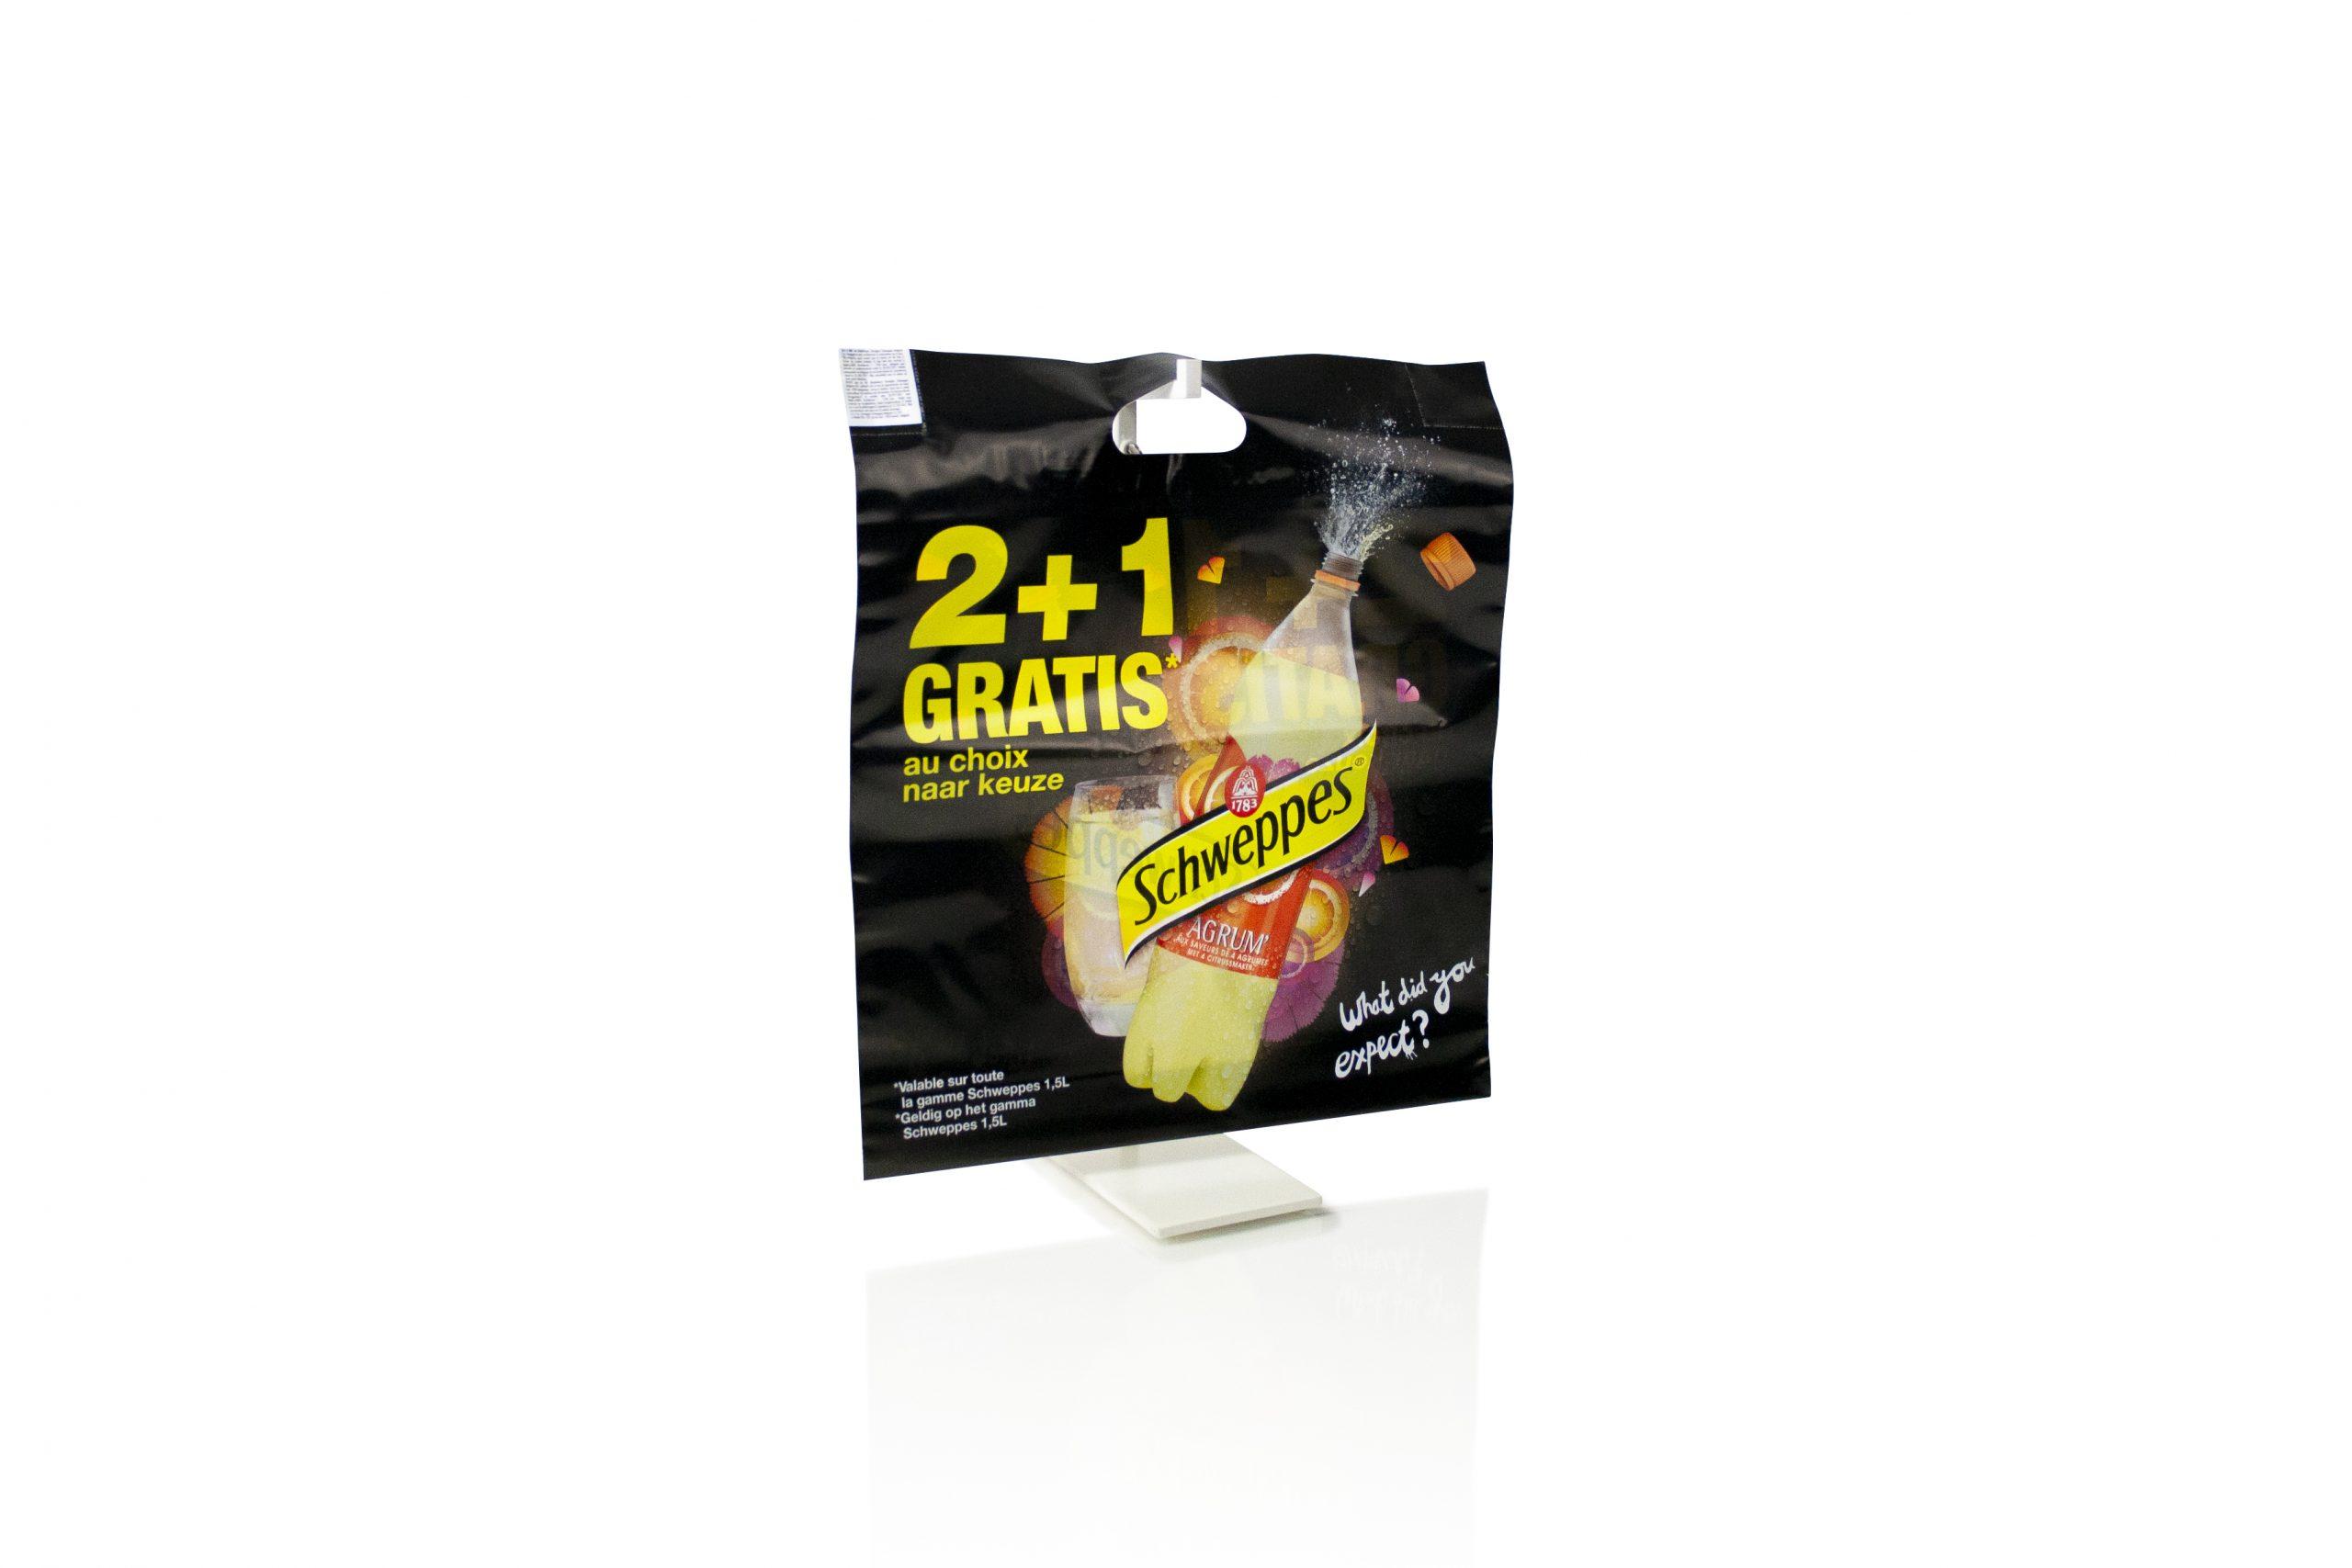 Gepersonaliseerde plastic zakken met uitgekapt handvat voorzien van logo of bedrijfsnaam